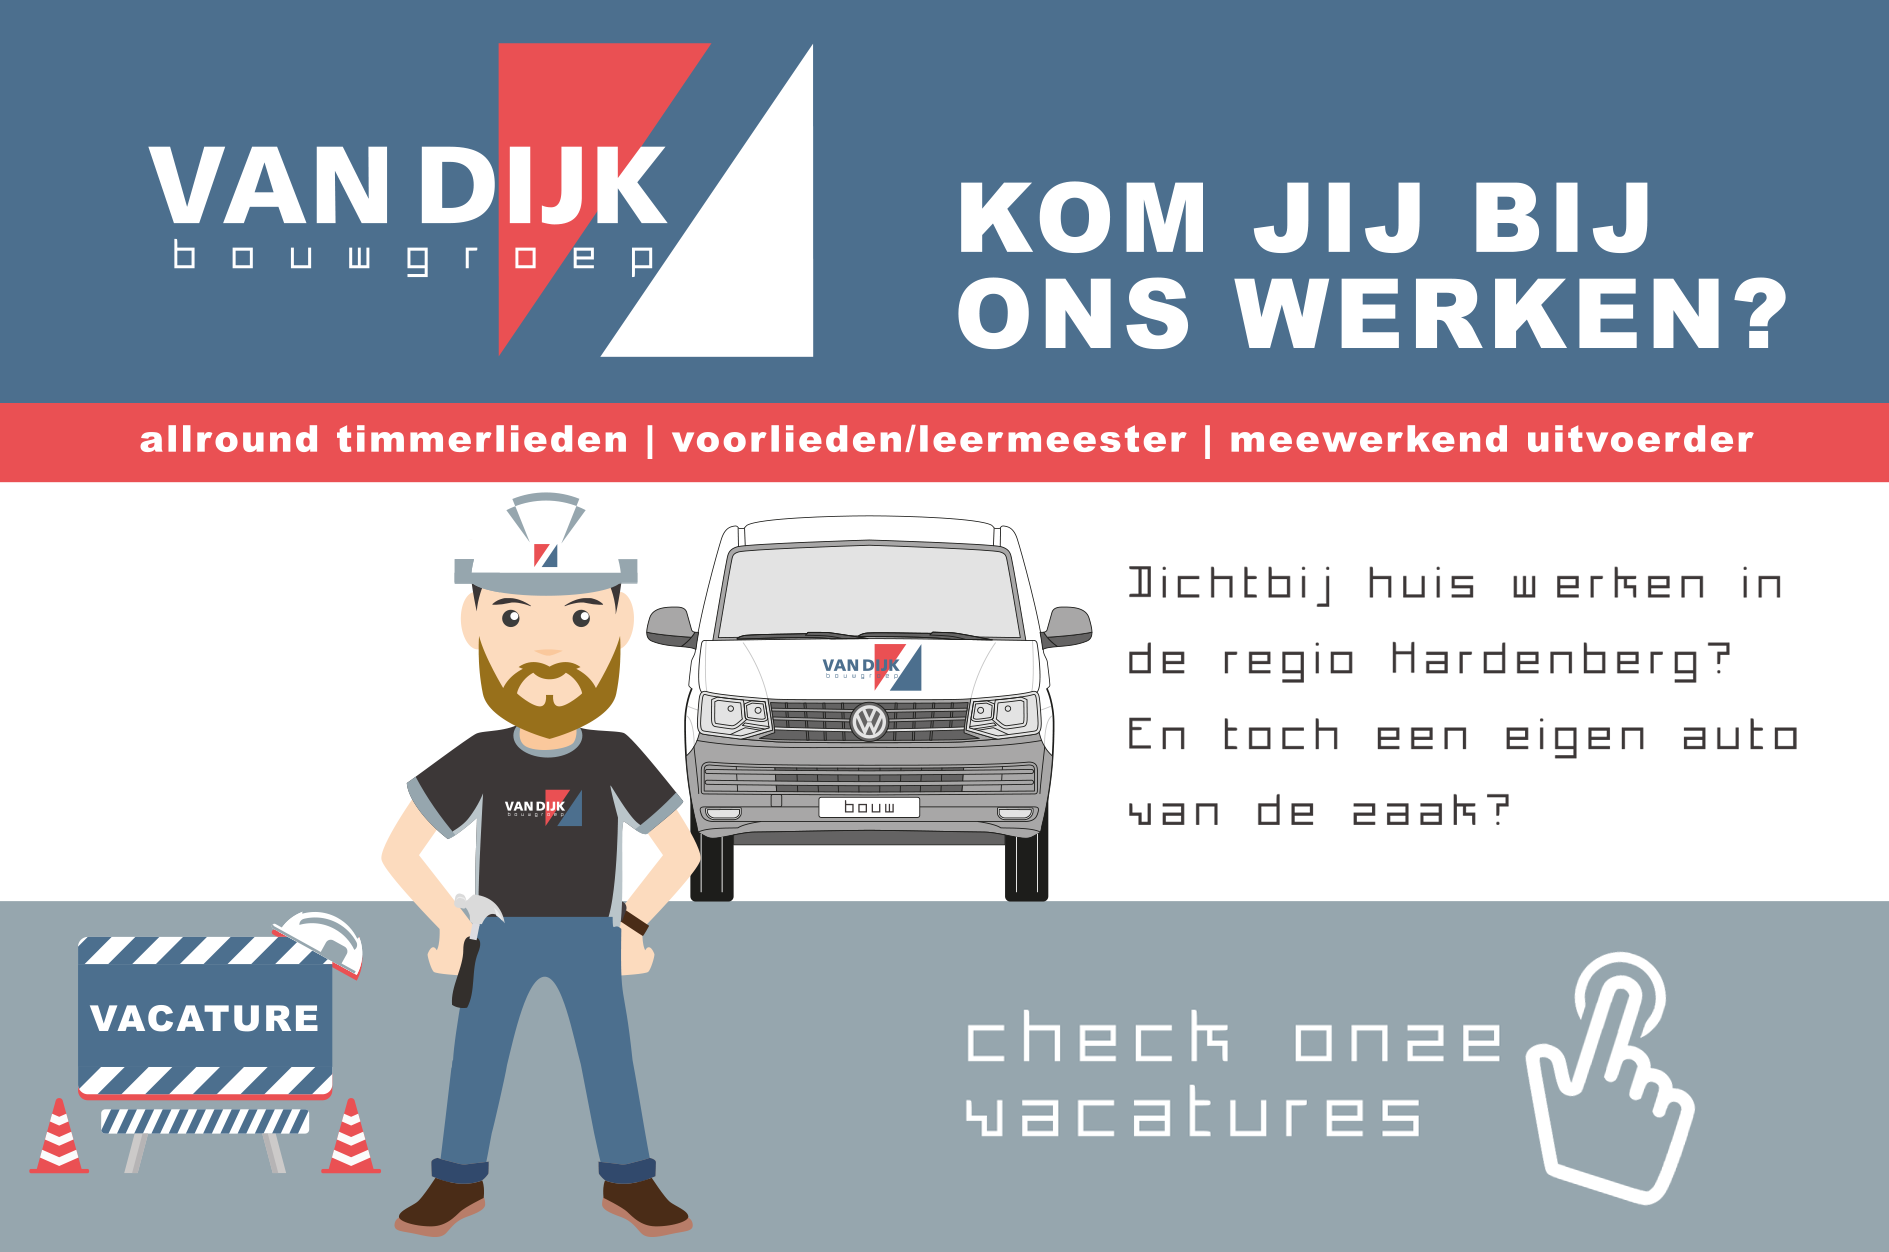 Vacatures bij Van Dijk Bouwgroep in Hardenberg